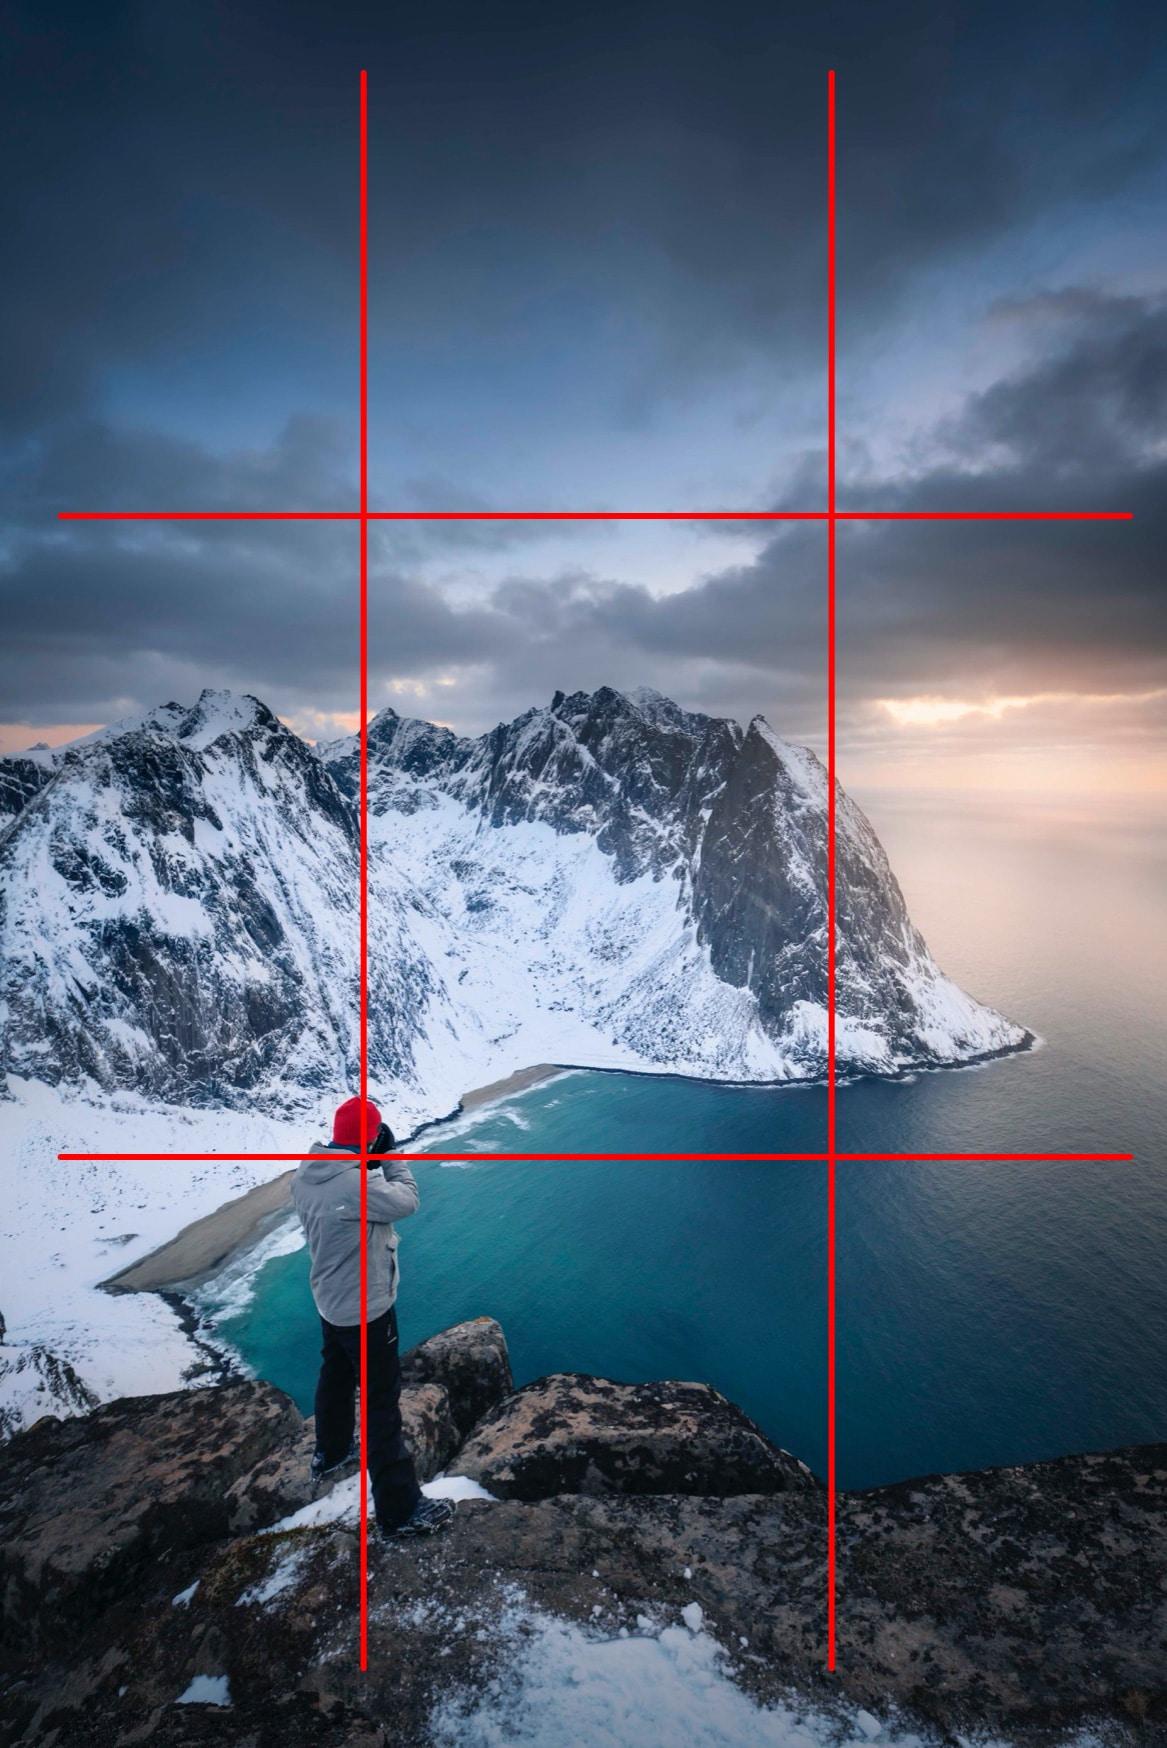 """Paysage montagne Ryten Norvège - Image illustrant l'article """"Travailler la composition avec la règle des tiers"""" - La Photo clic par clic"""